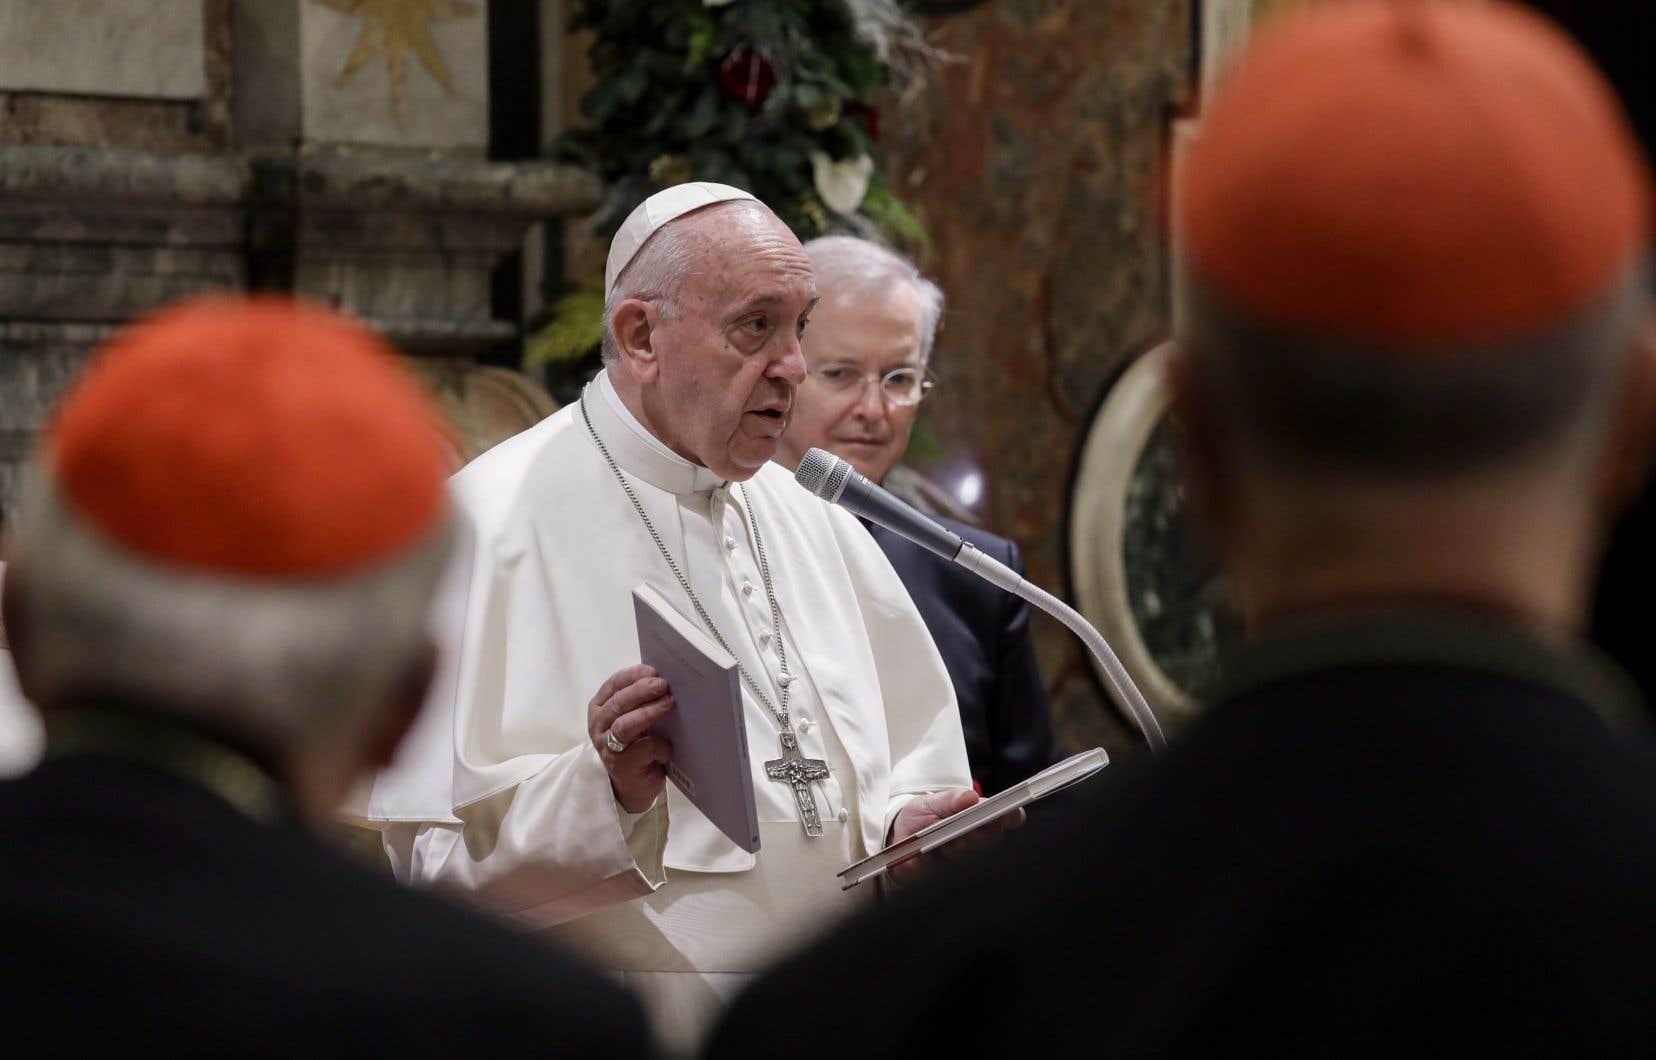 Le pape François a adressé ses voeux de Noël aux cardinaux, aux évêques et aux prêtres qui oeuvrent auVatican.